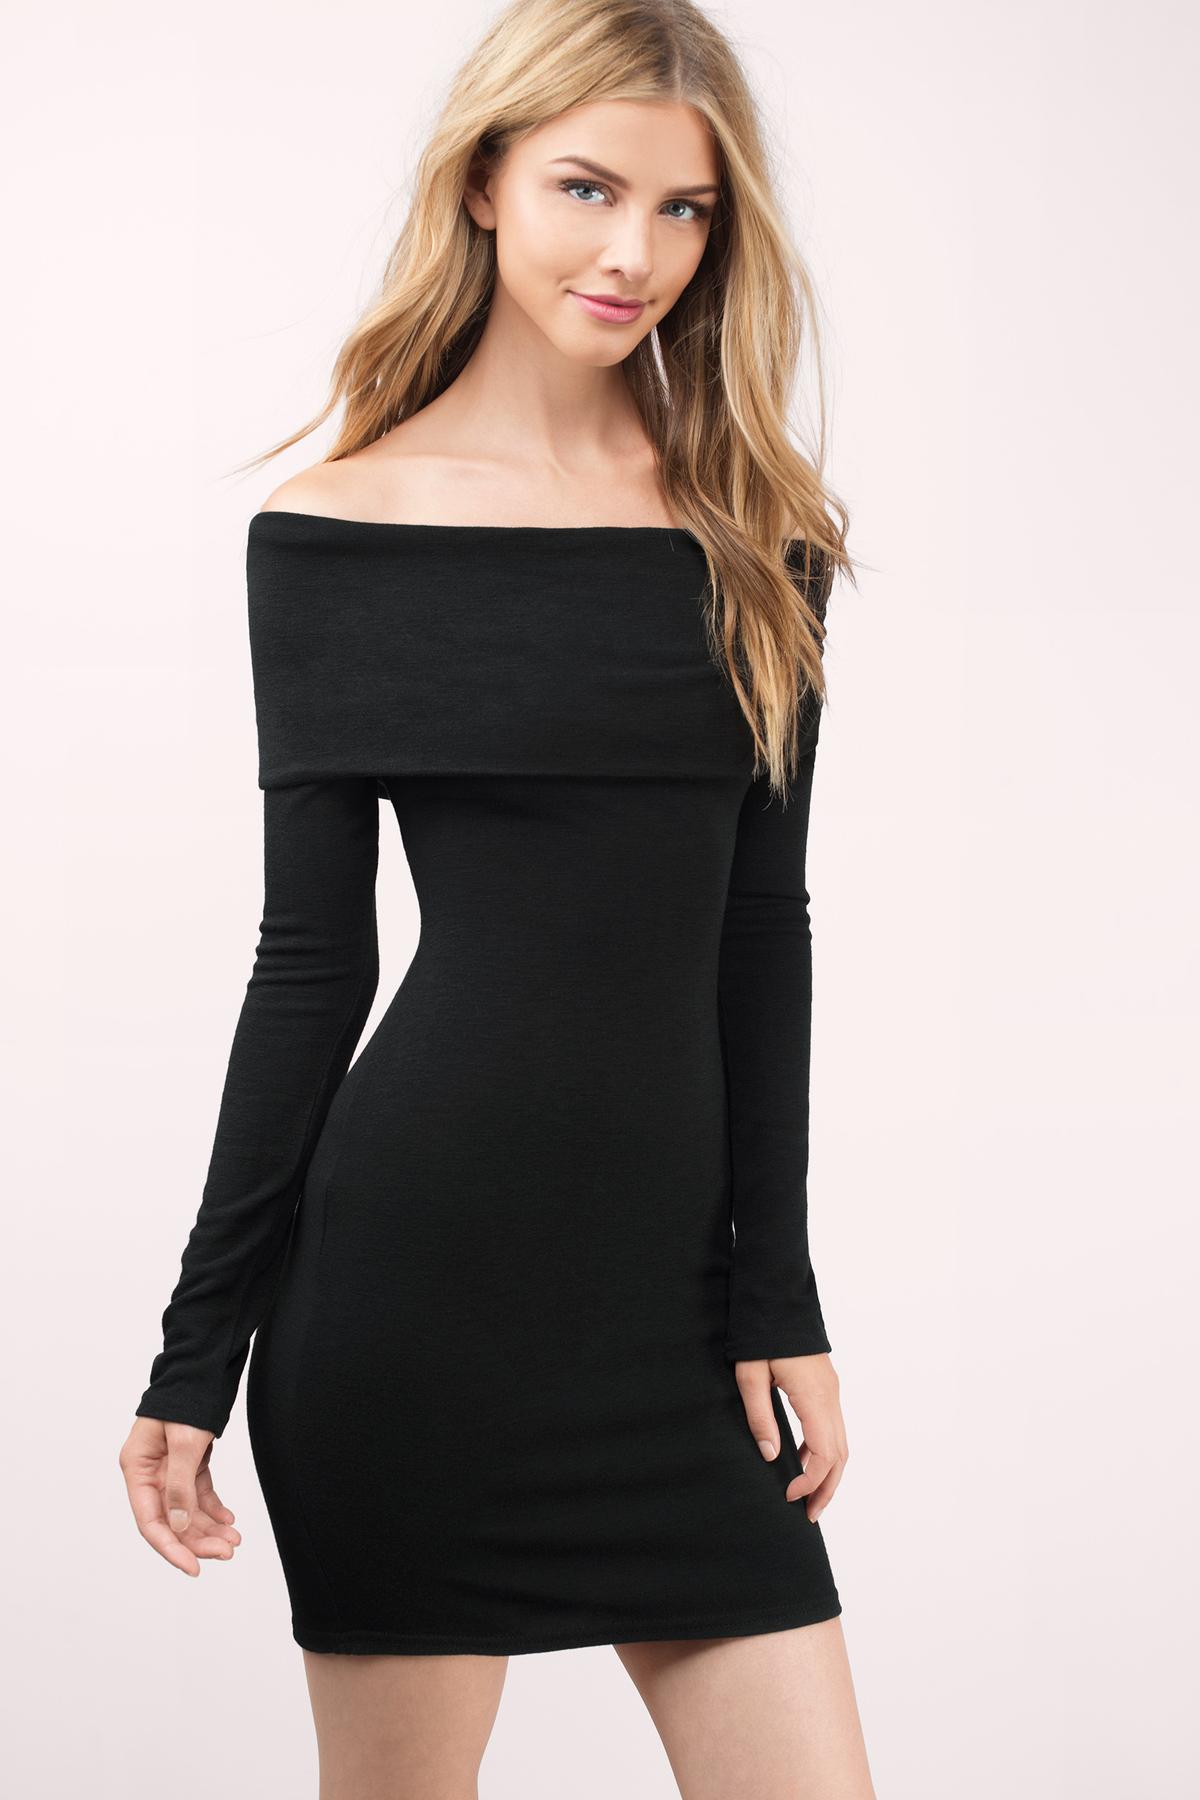 Off the shoulder black dresses – Dress blog Edin